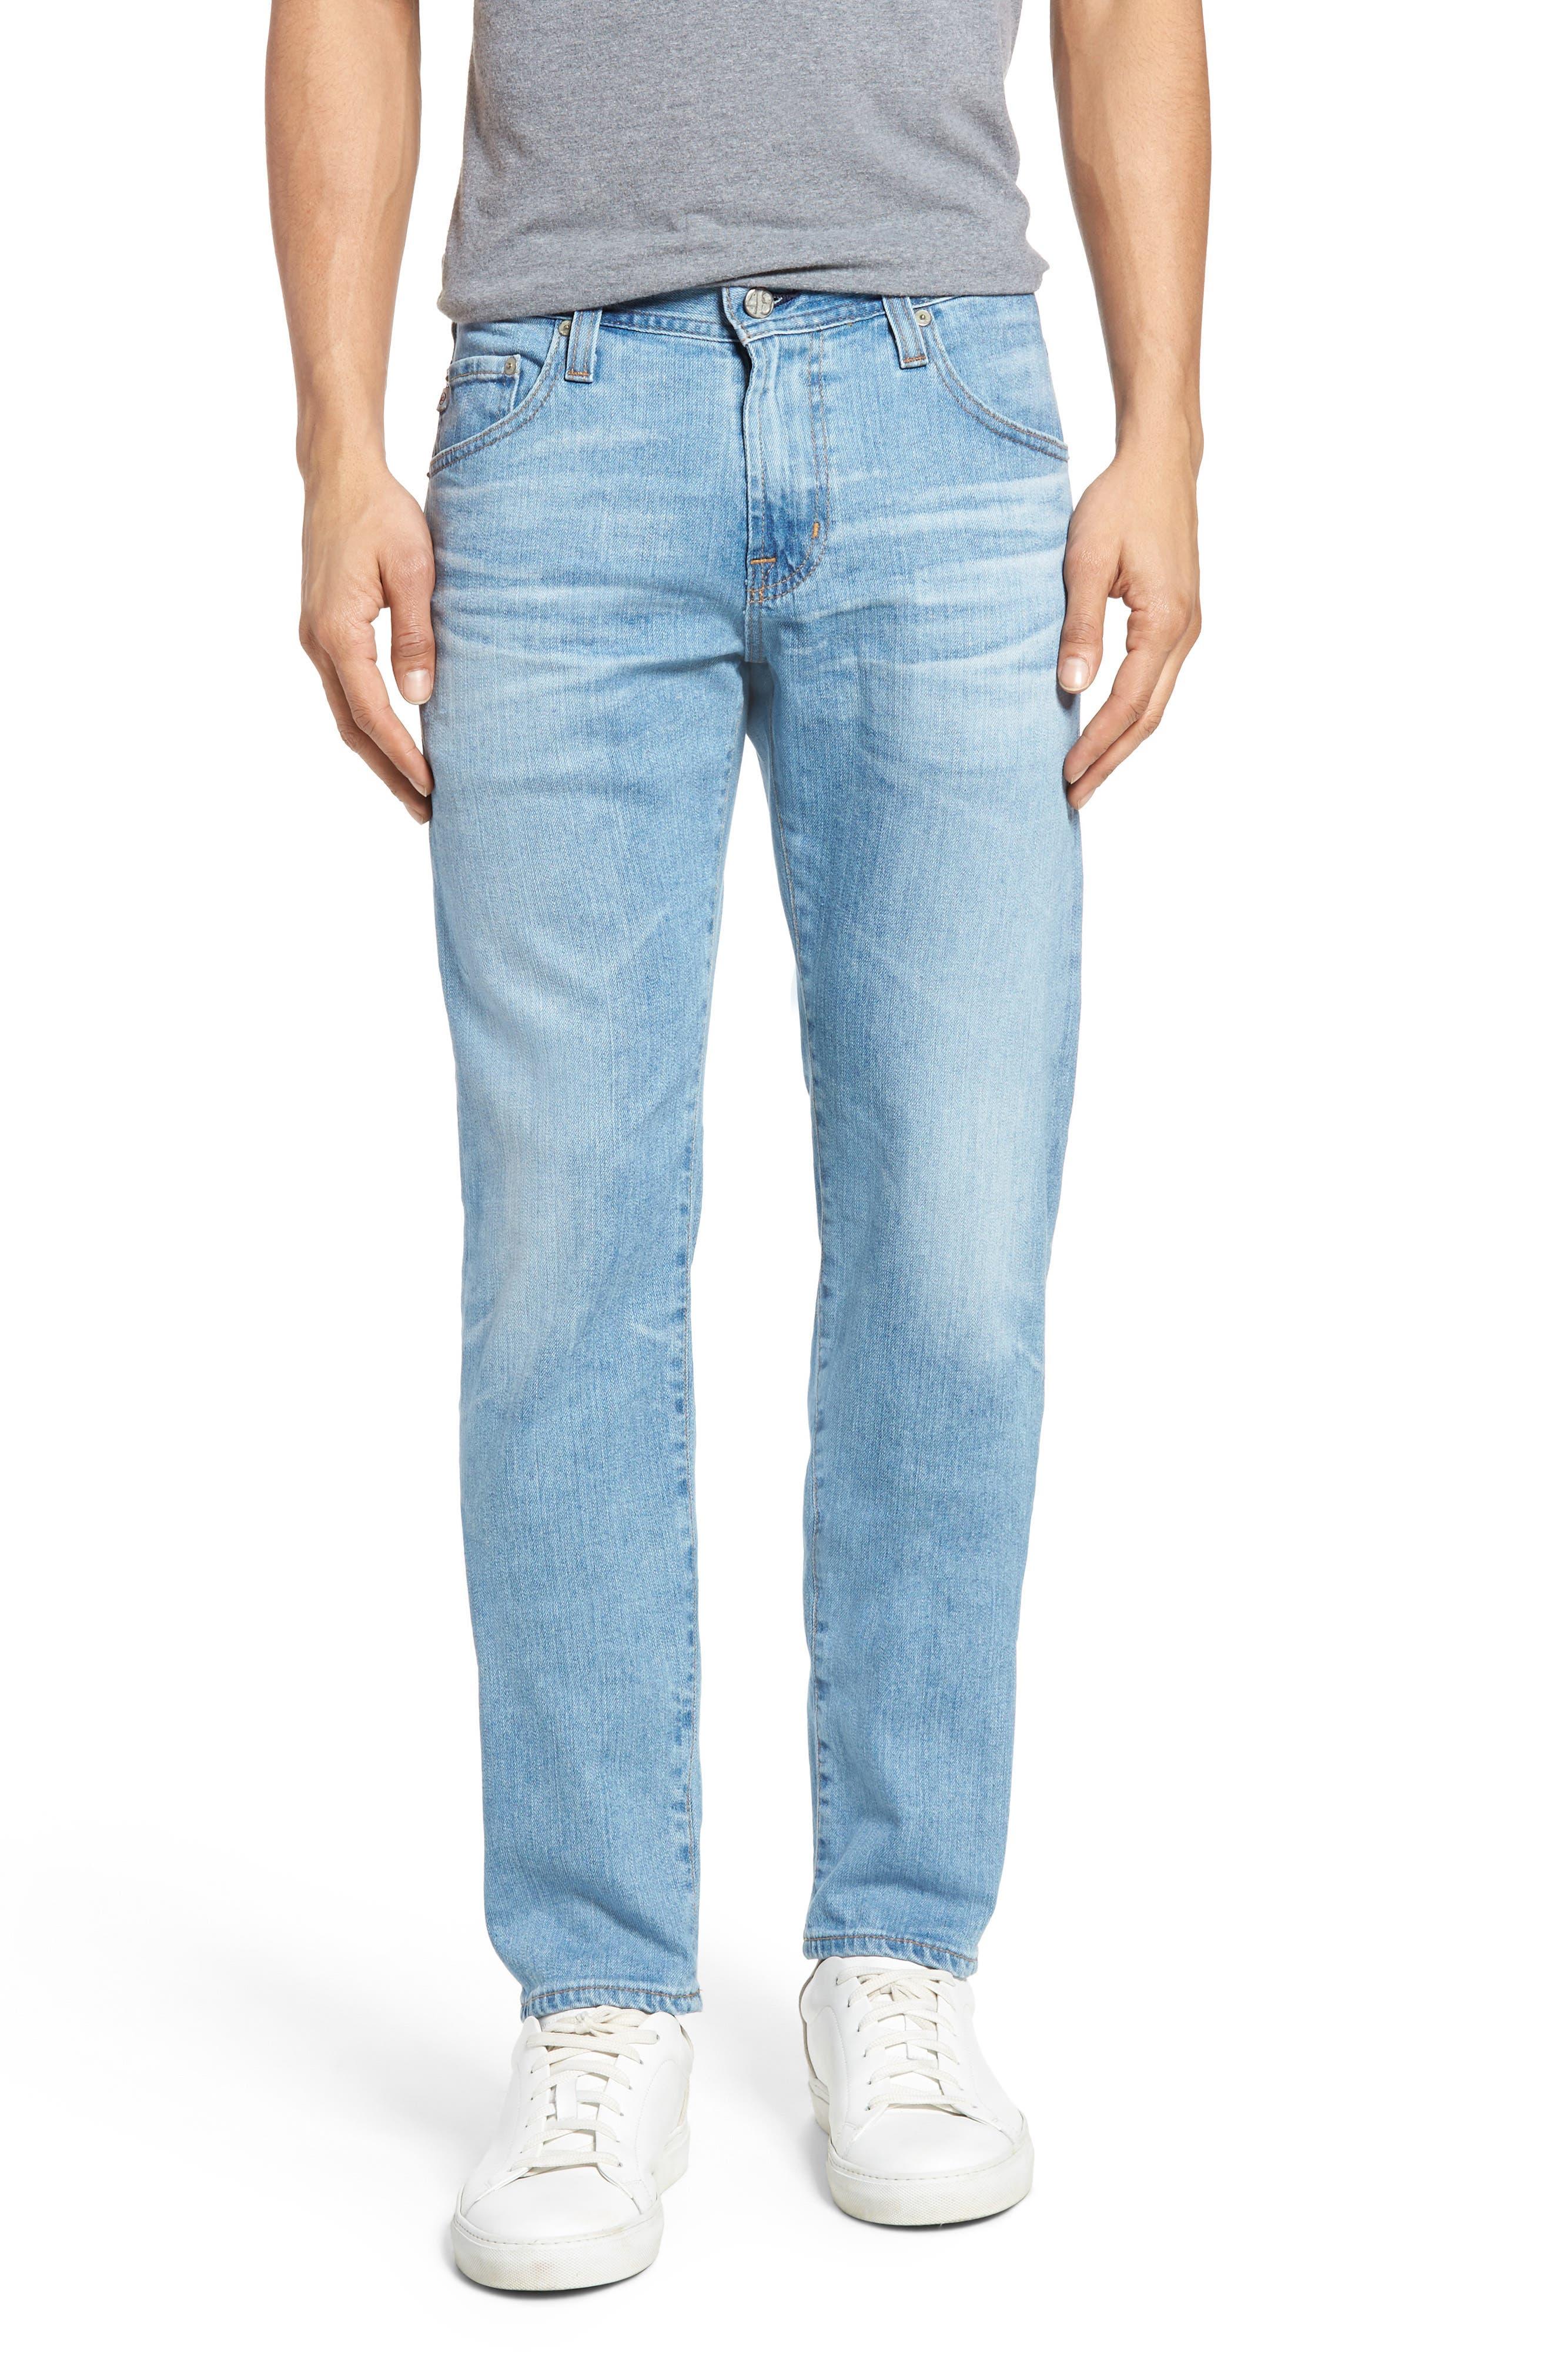 Tellis Slim Fit Jeans,                         Main,                         color, 412